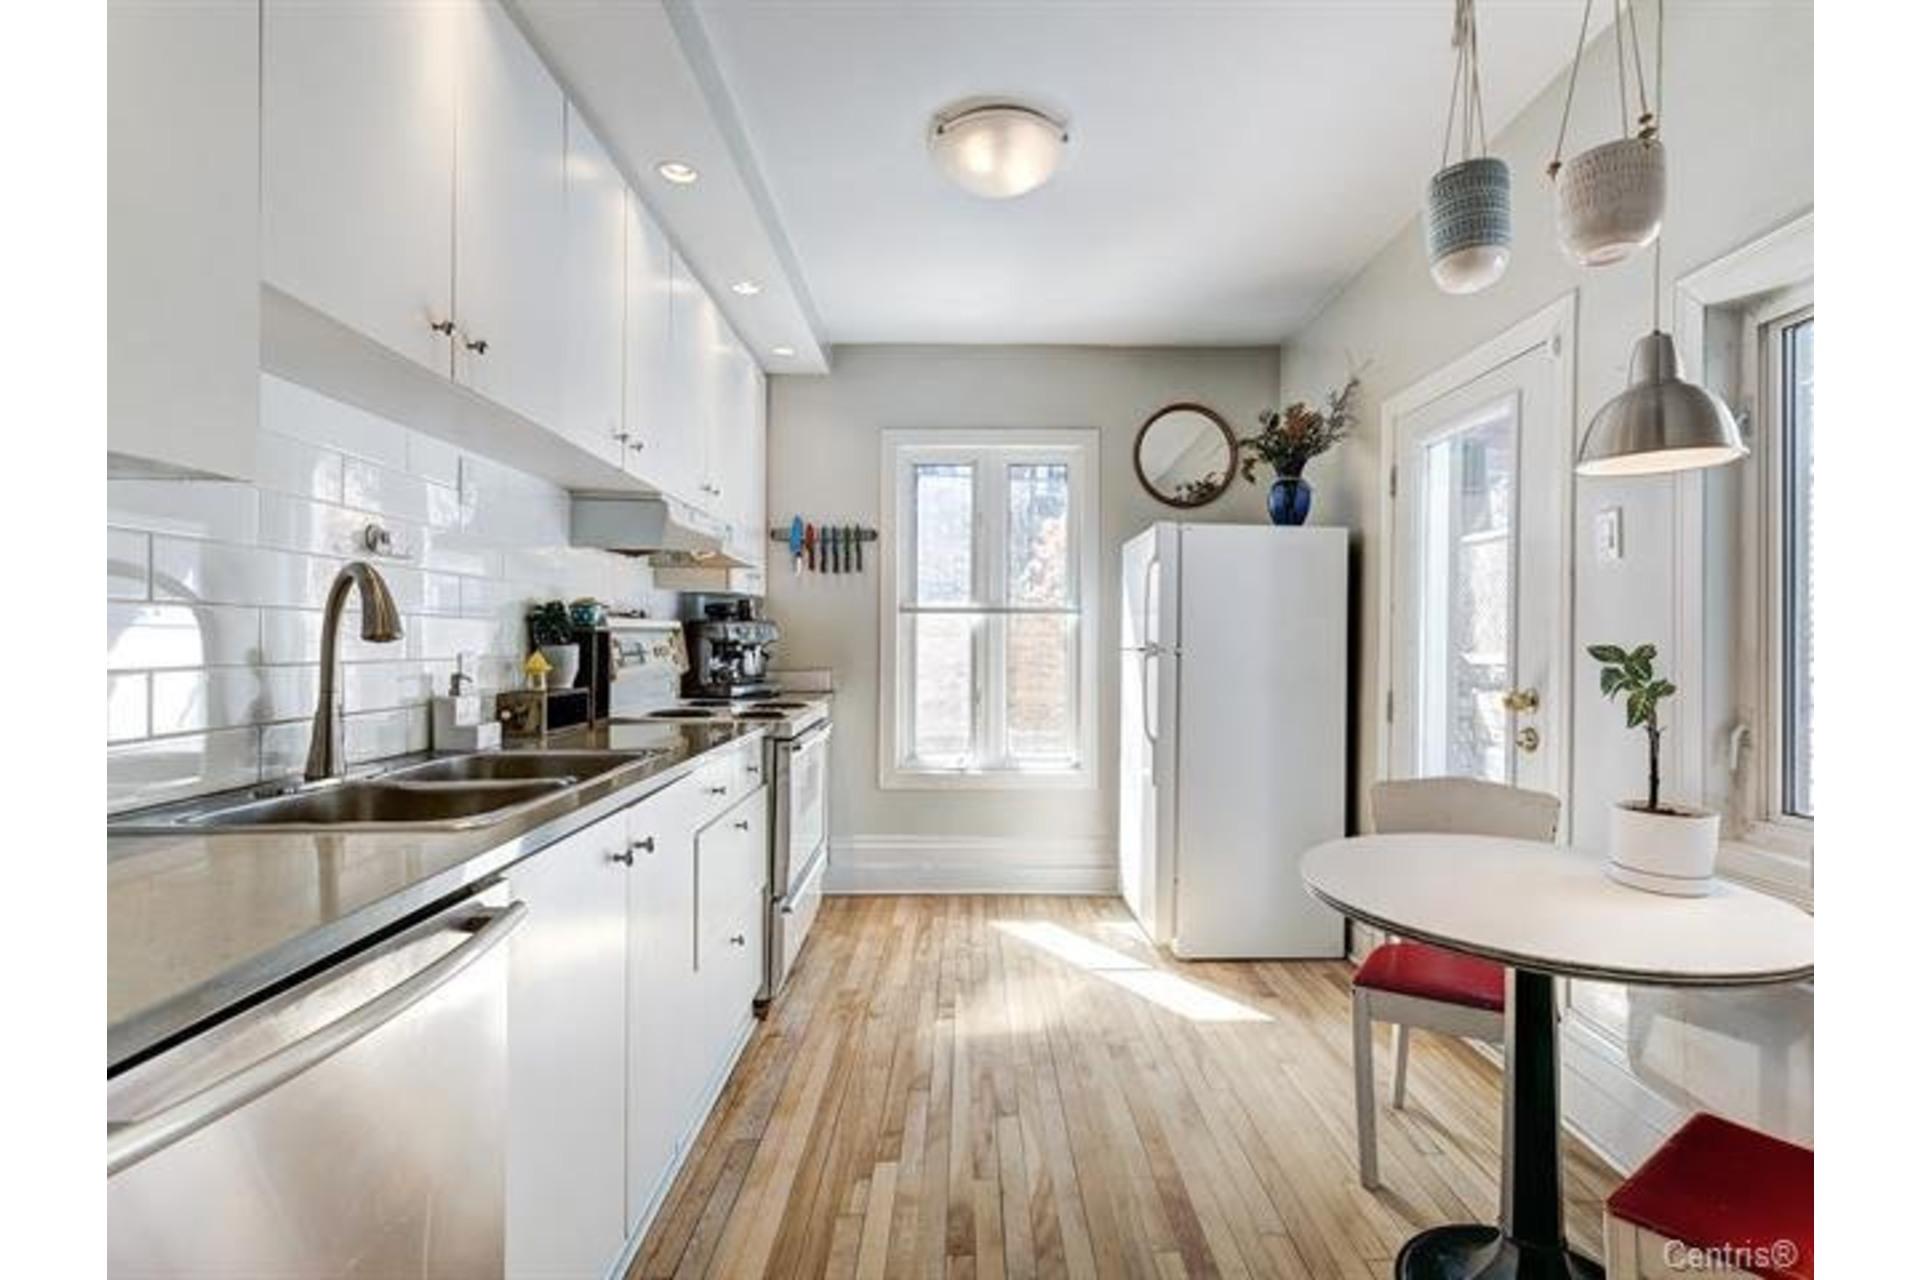 image 17 - Maison À vendre Le Plateau-Mont-Royal Montréal  - 6 pièces